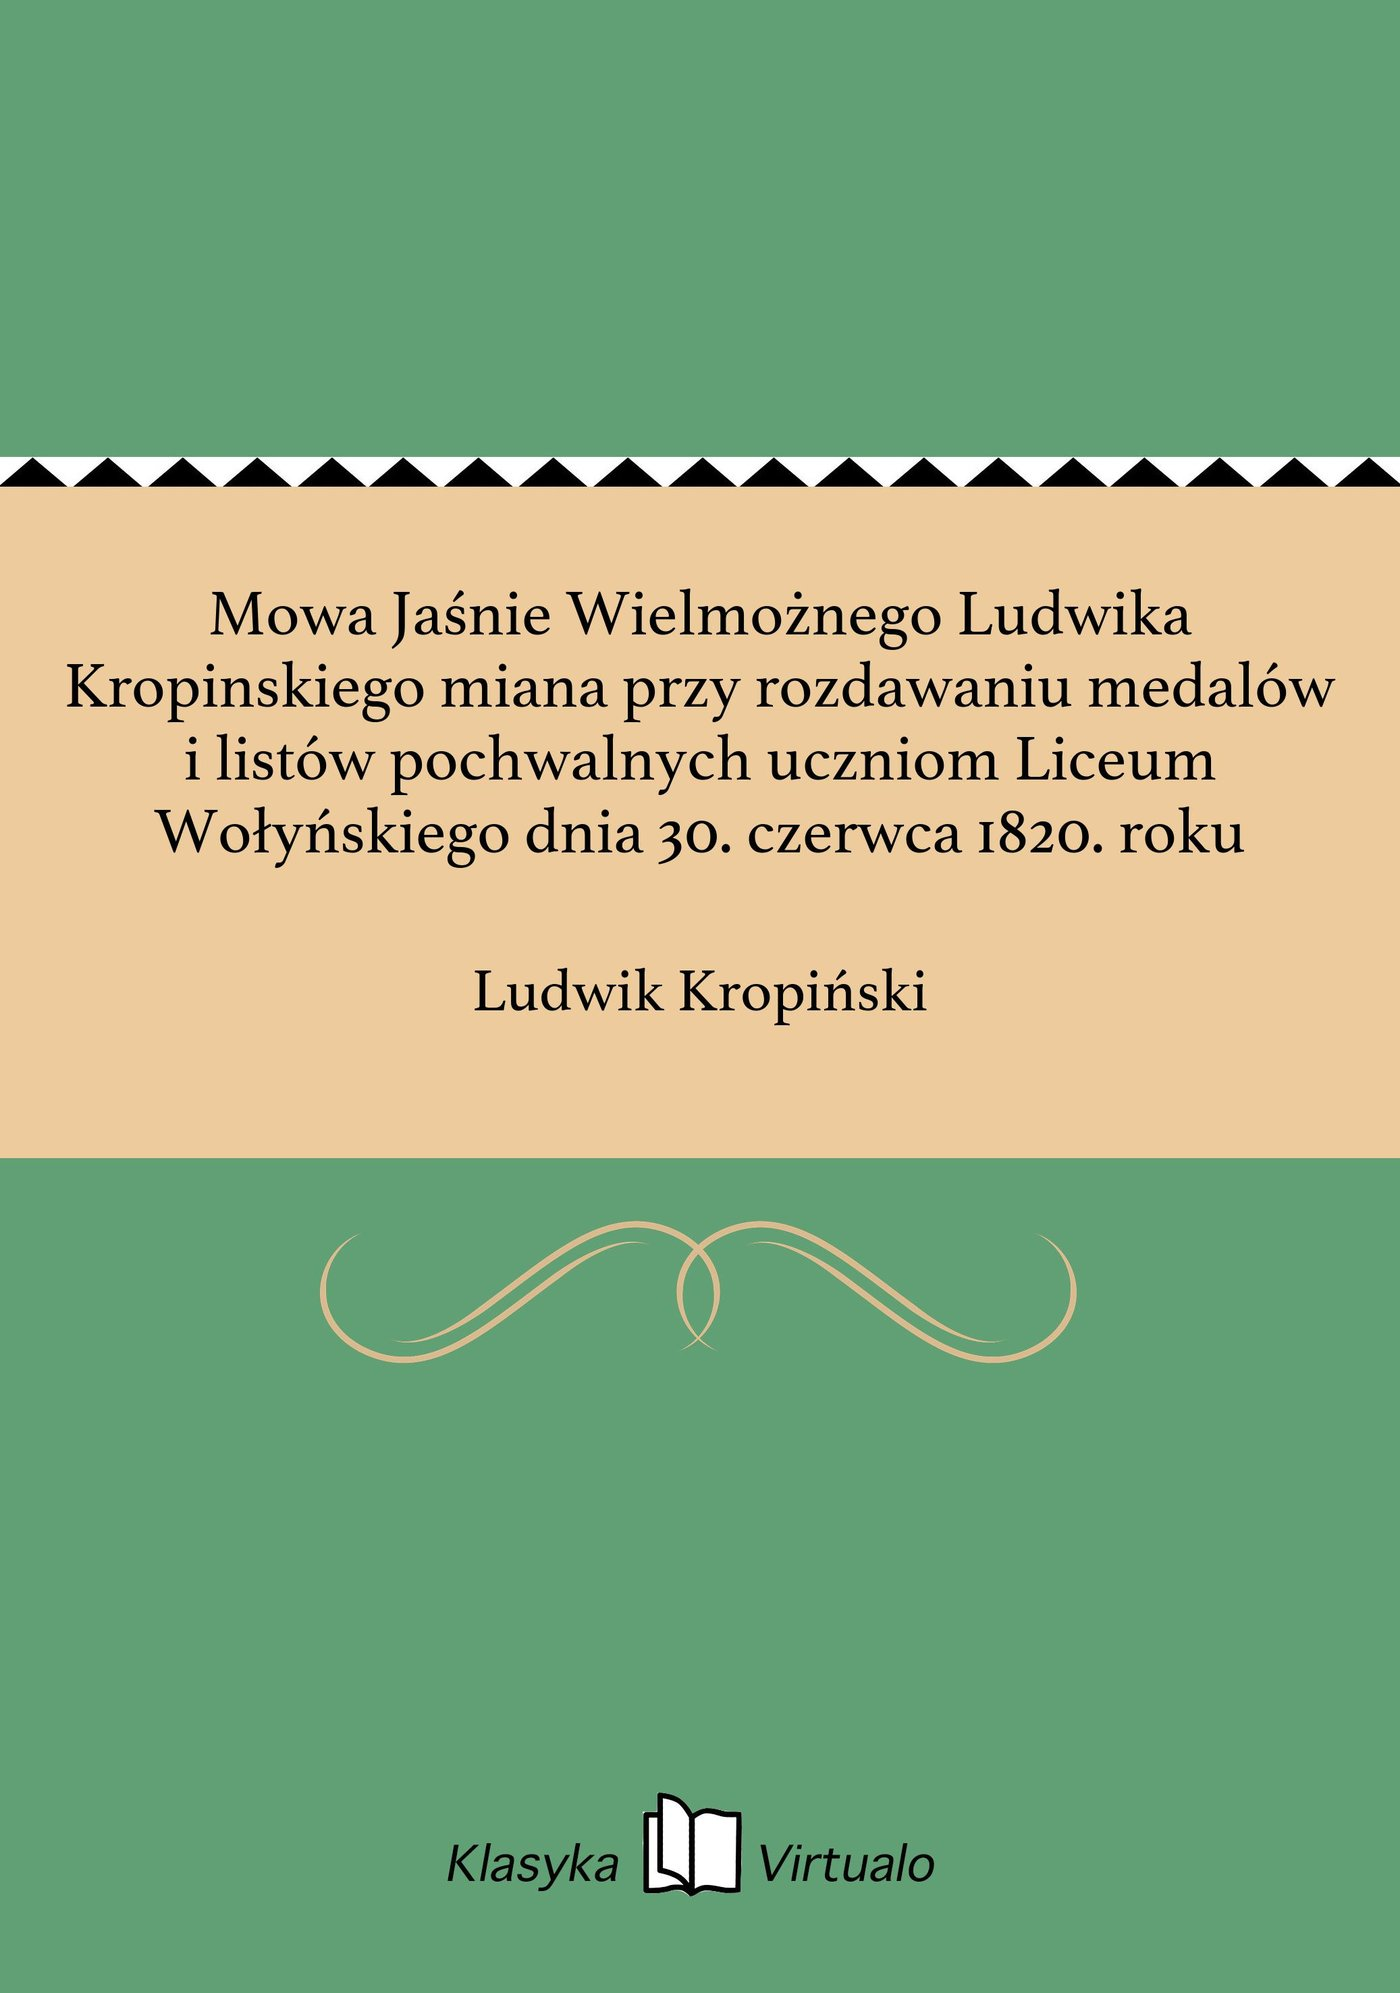 Mowa Jaśnie Wielmożnego Ludwika Kropinskiego miana przy rozdawaniu medalów i listów pochwalnych uczniom Liceum Wołyńskiego dnia 30. czerwca 1820. roku - Ebook (Książka EPUB) do pobrania w formacie EPUB